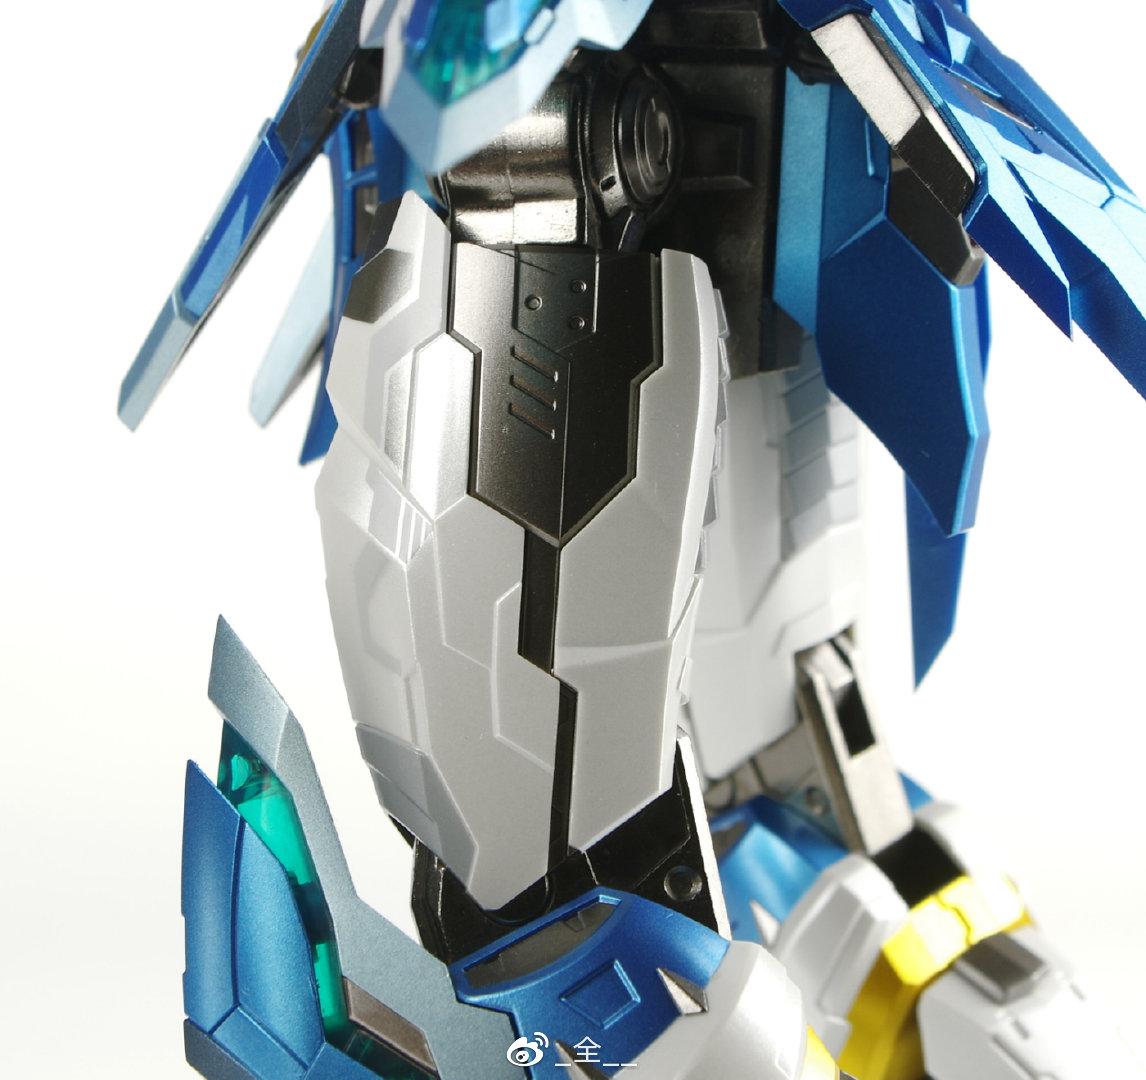 S470_MOTOR_NUCLEAR_MN_Q03_blue_gragon_ao_bing_di_hui_xing_han_long_zi_047.jpg